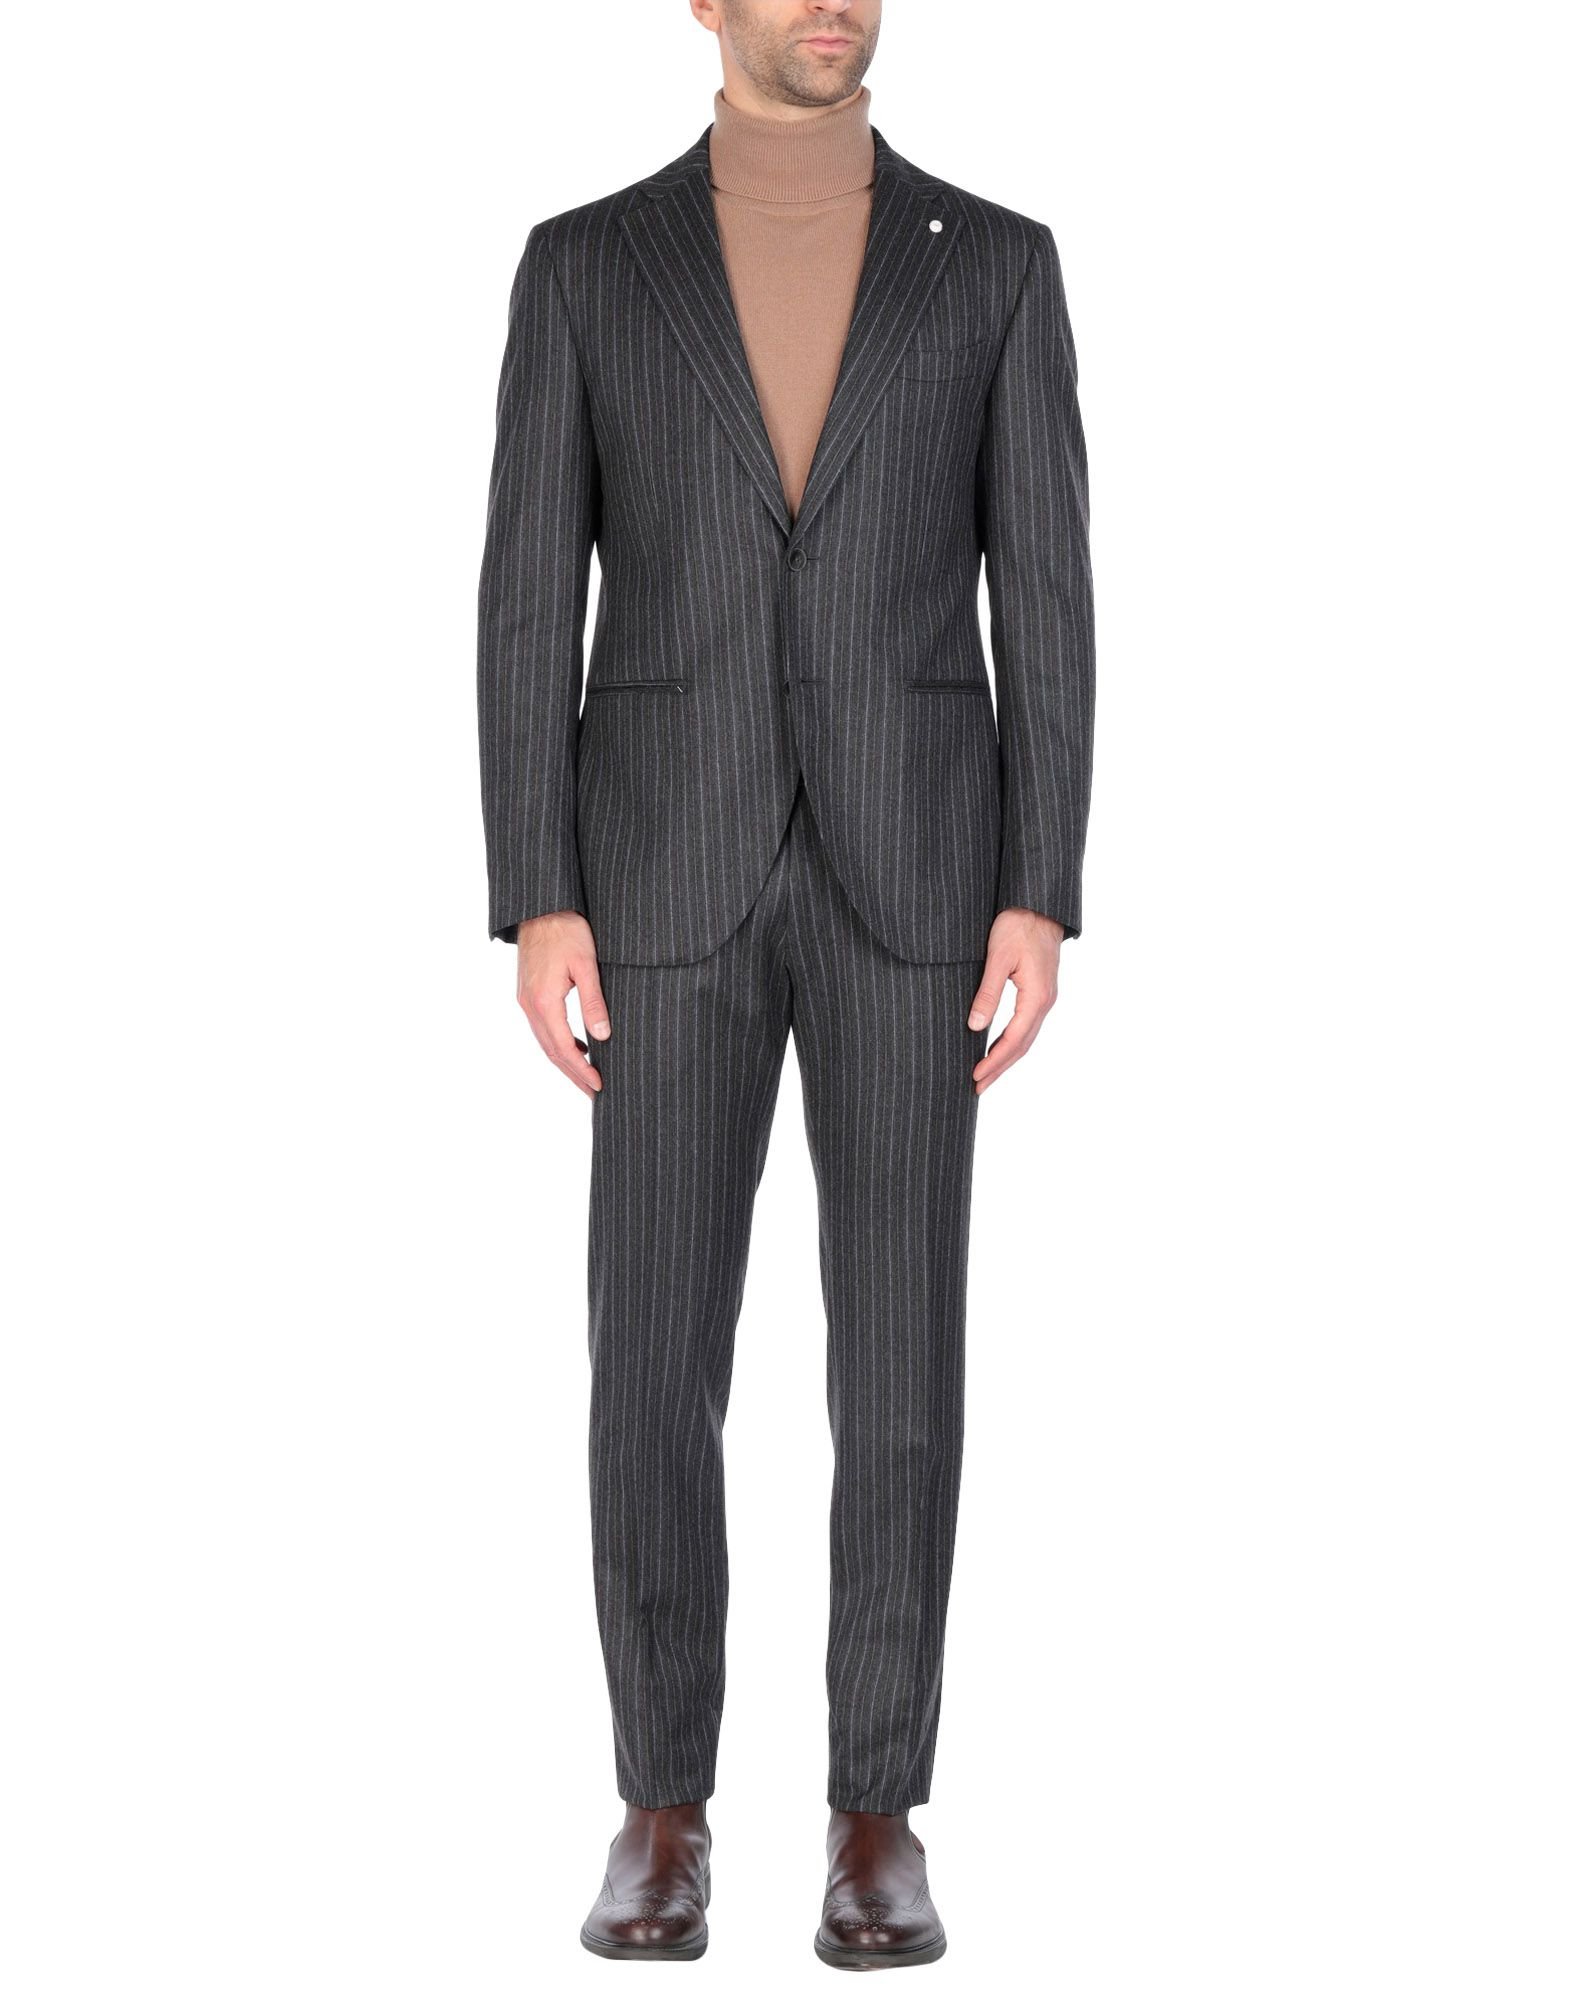 《送料無料》LUIGI BIANCHI Mantova メンズ スーツ スチールグレー 50 バージンウール 100%